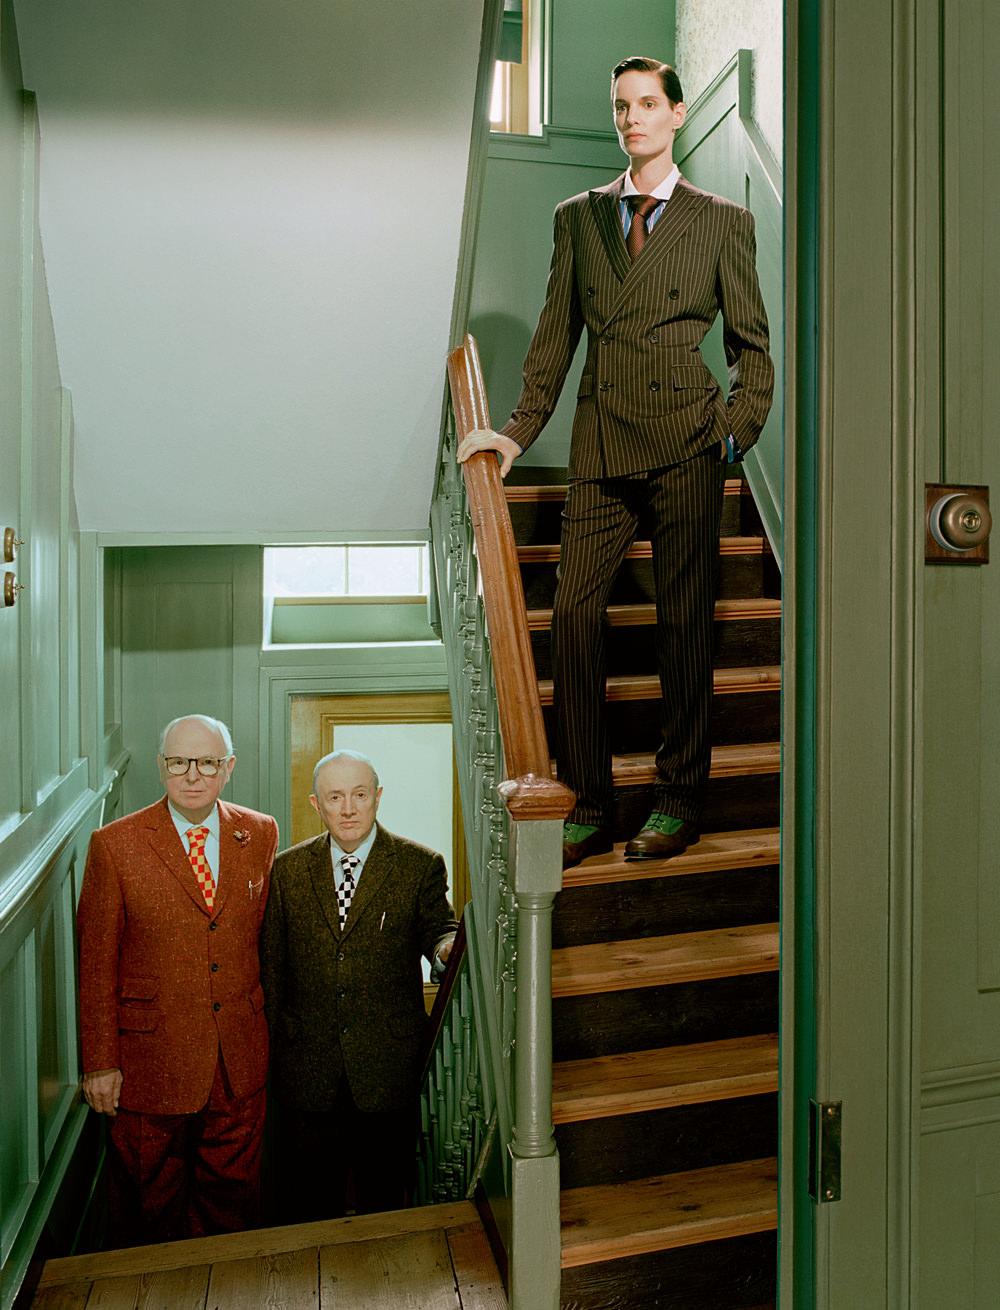 Les artistes Gilbert & George s'associent au photographe Miles Aldridge